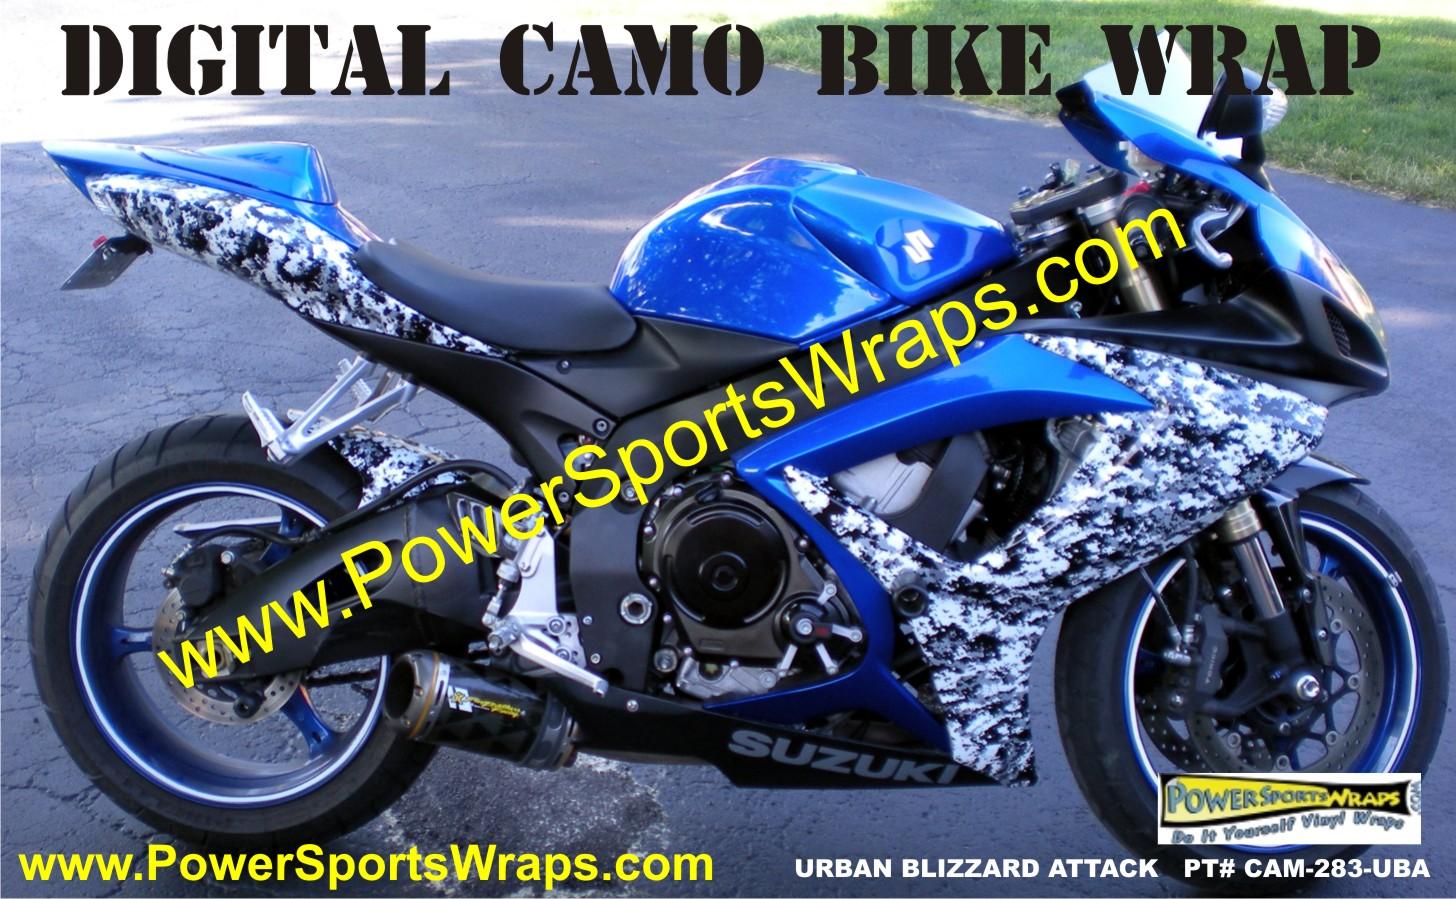 custom digital camo bike wrap from powersportswraps.com 814-838-6377